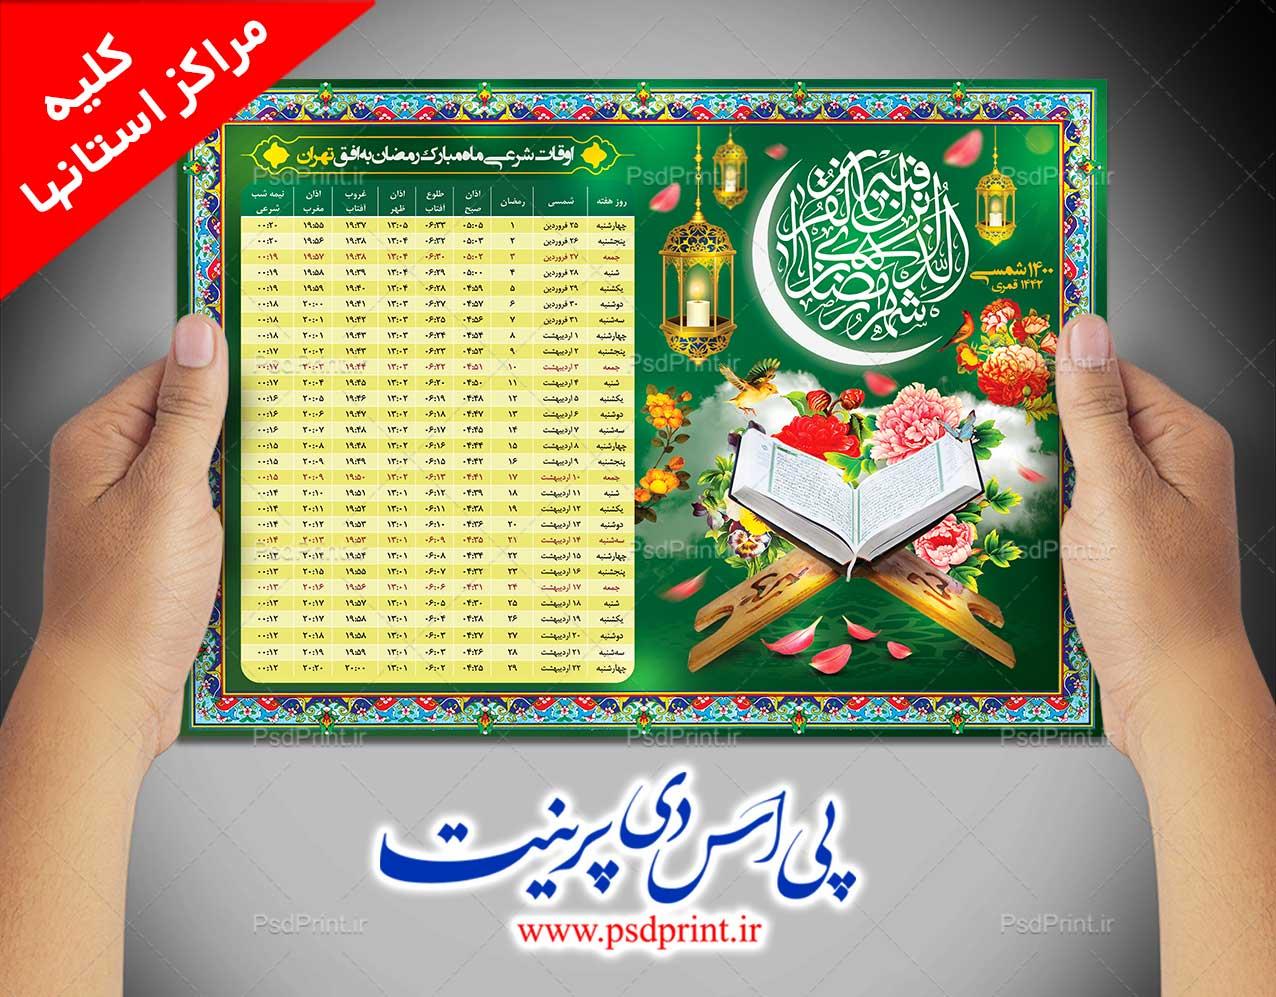 پوستر اوقات شرعی رمضان 1400